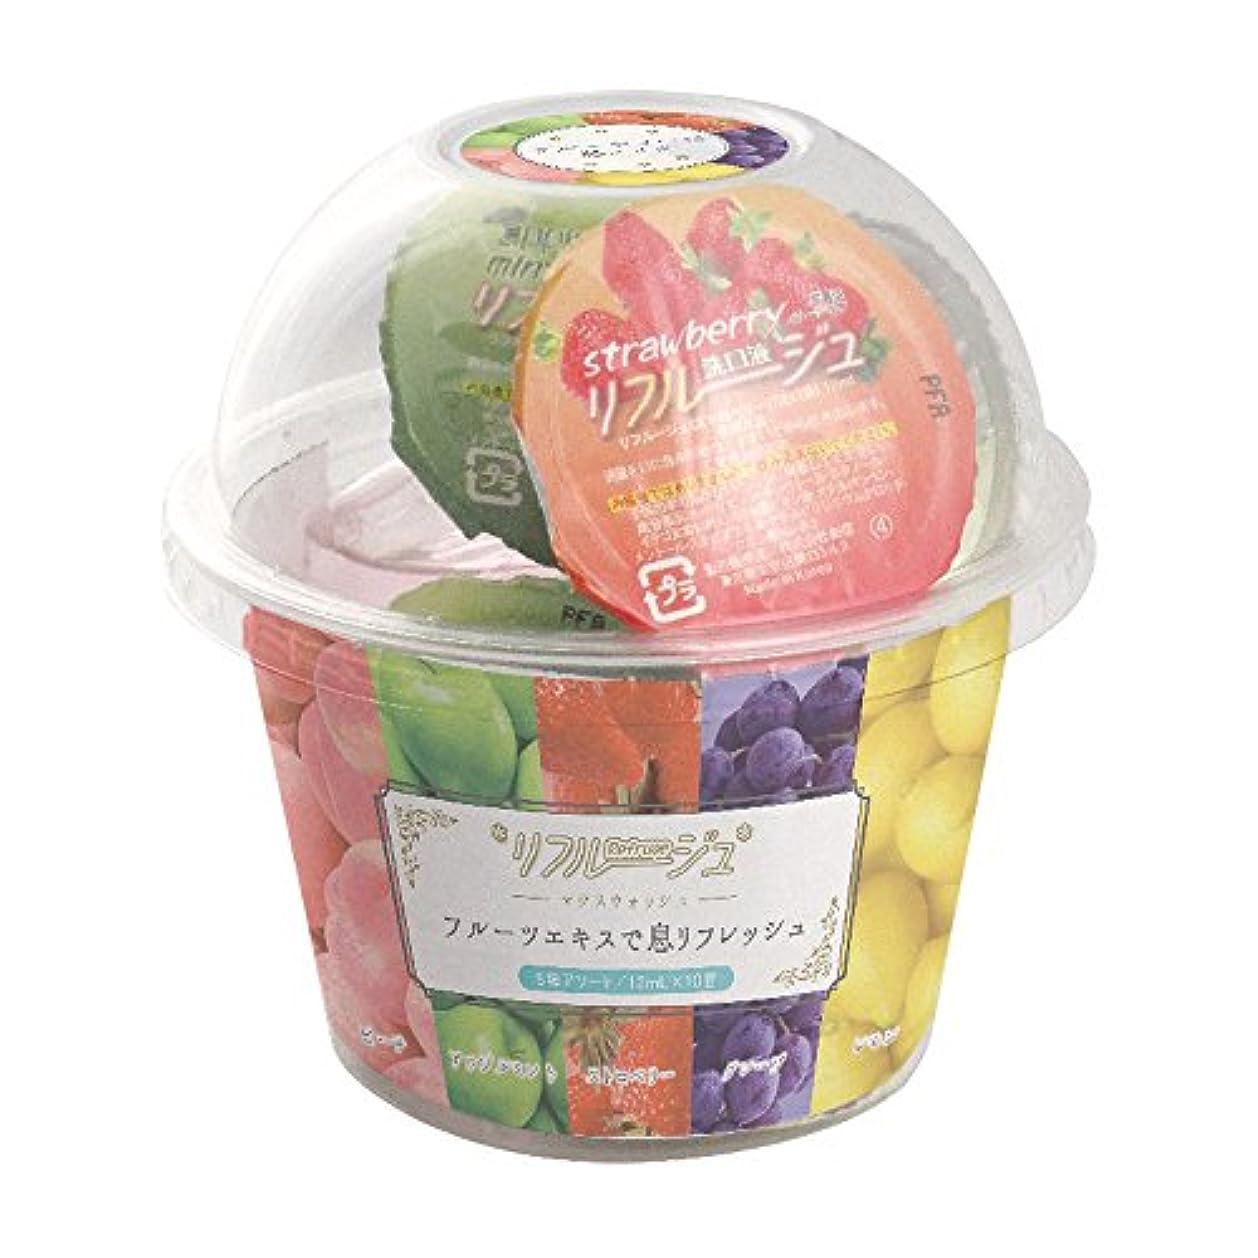 モナリザオリエント石鹸ダイト リフルージュ (12mL × 10個)